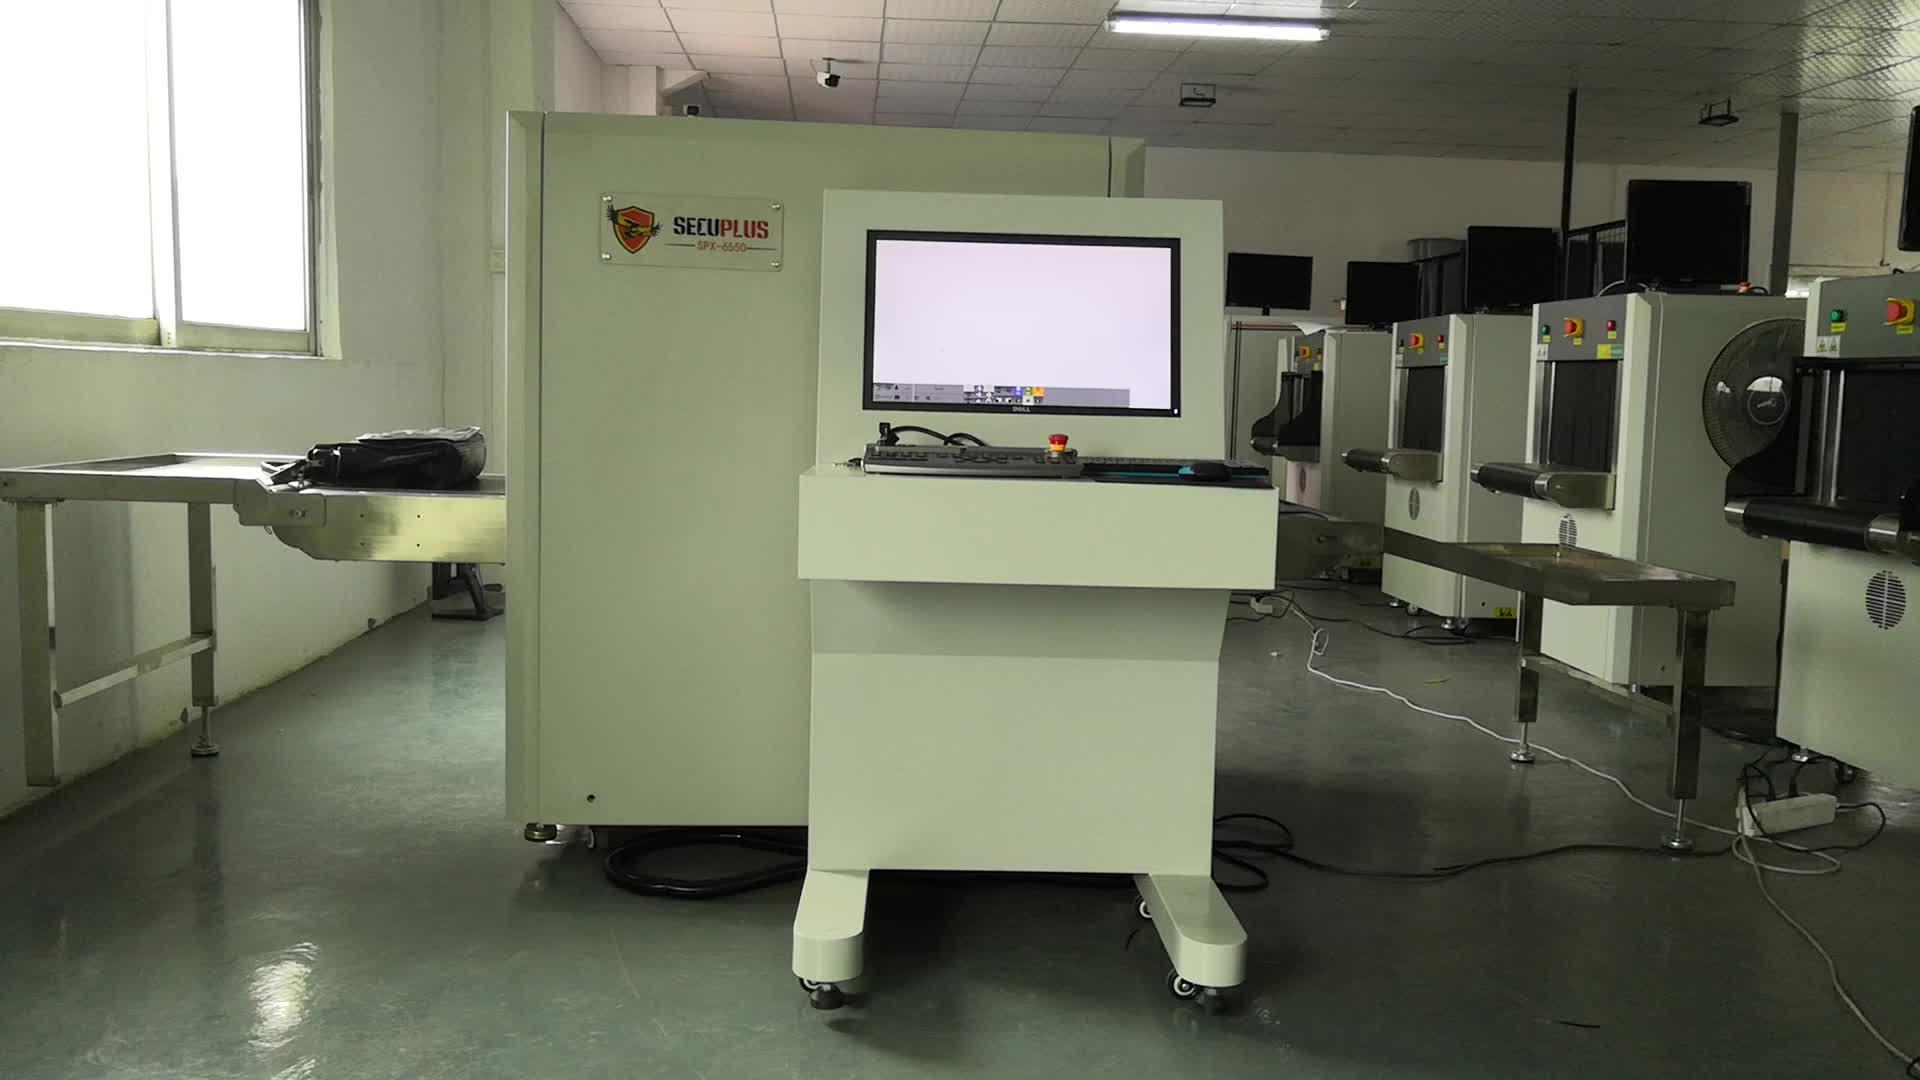 X-ray Máy đối với bưu kiện kiểm tra X ray Máy Quét Hành Lý cho bộ quốc phòng